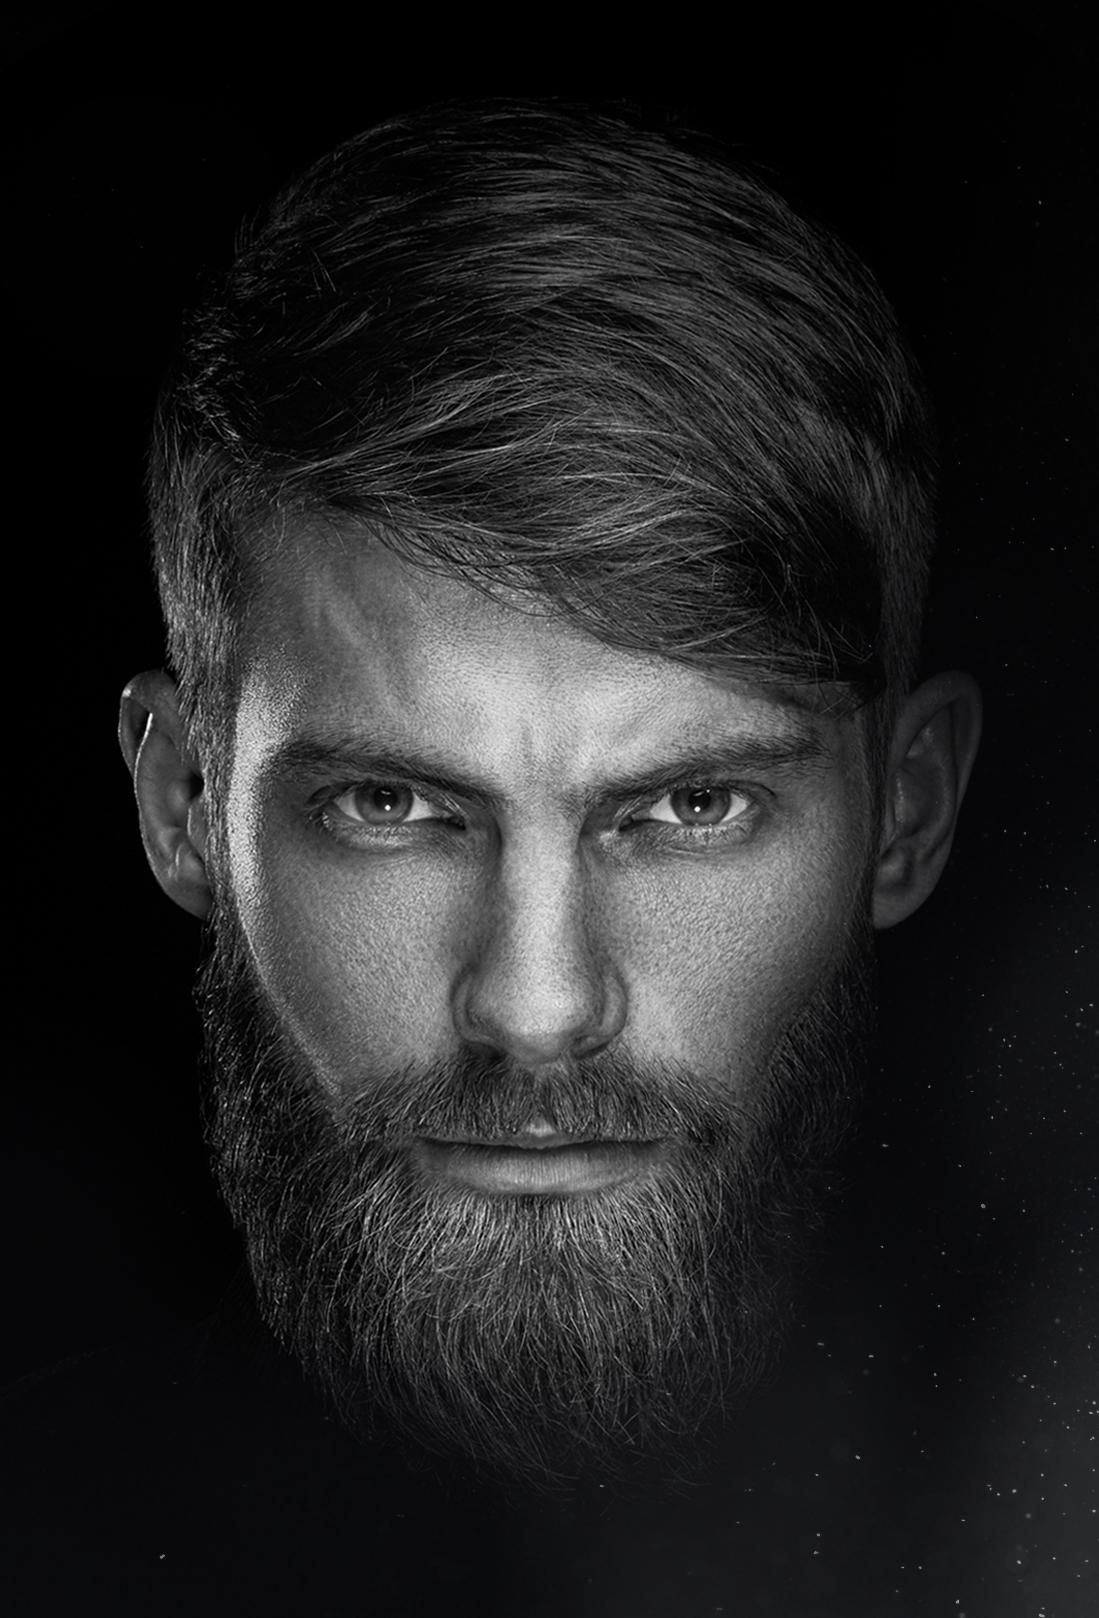 Osvěžující denní sérum na pokožku FUTUREGEN pro muže